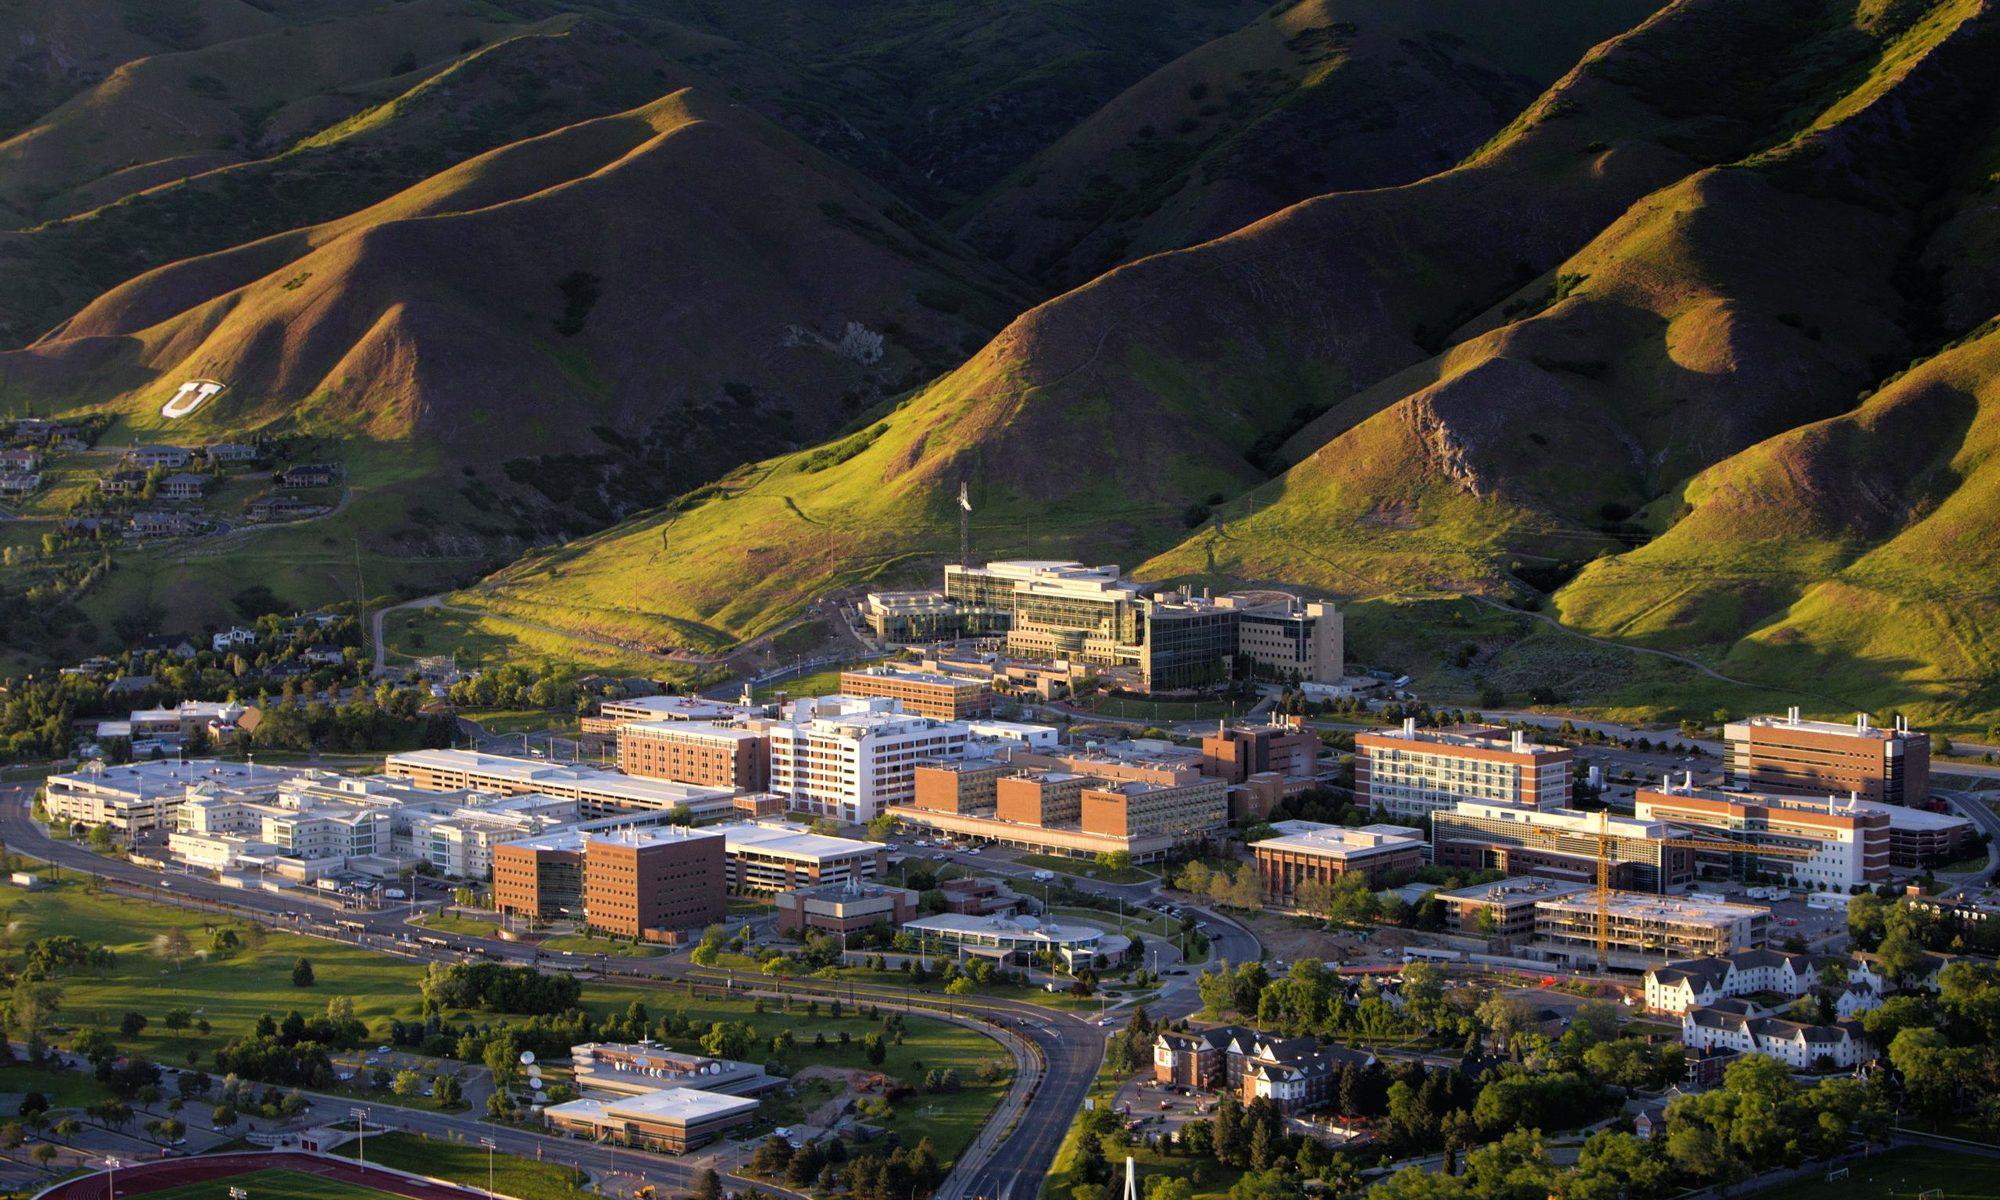 Spring Aerial Health Sciences Campus